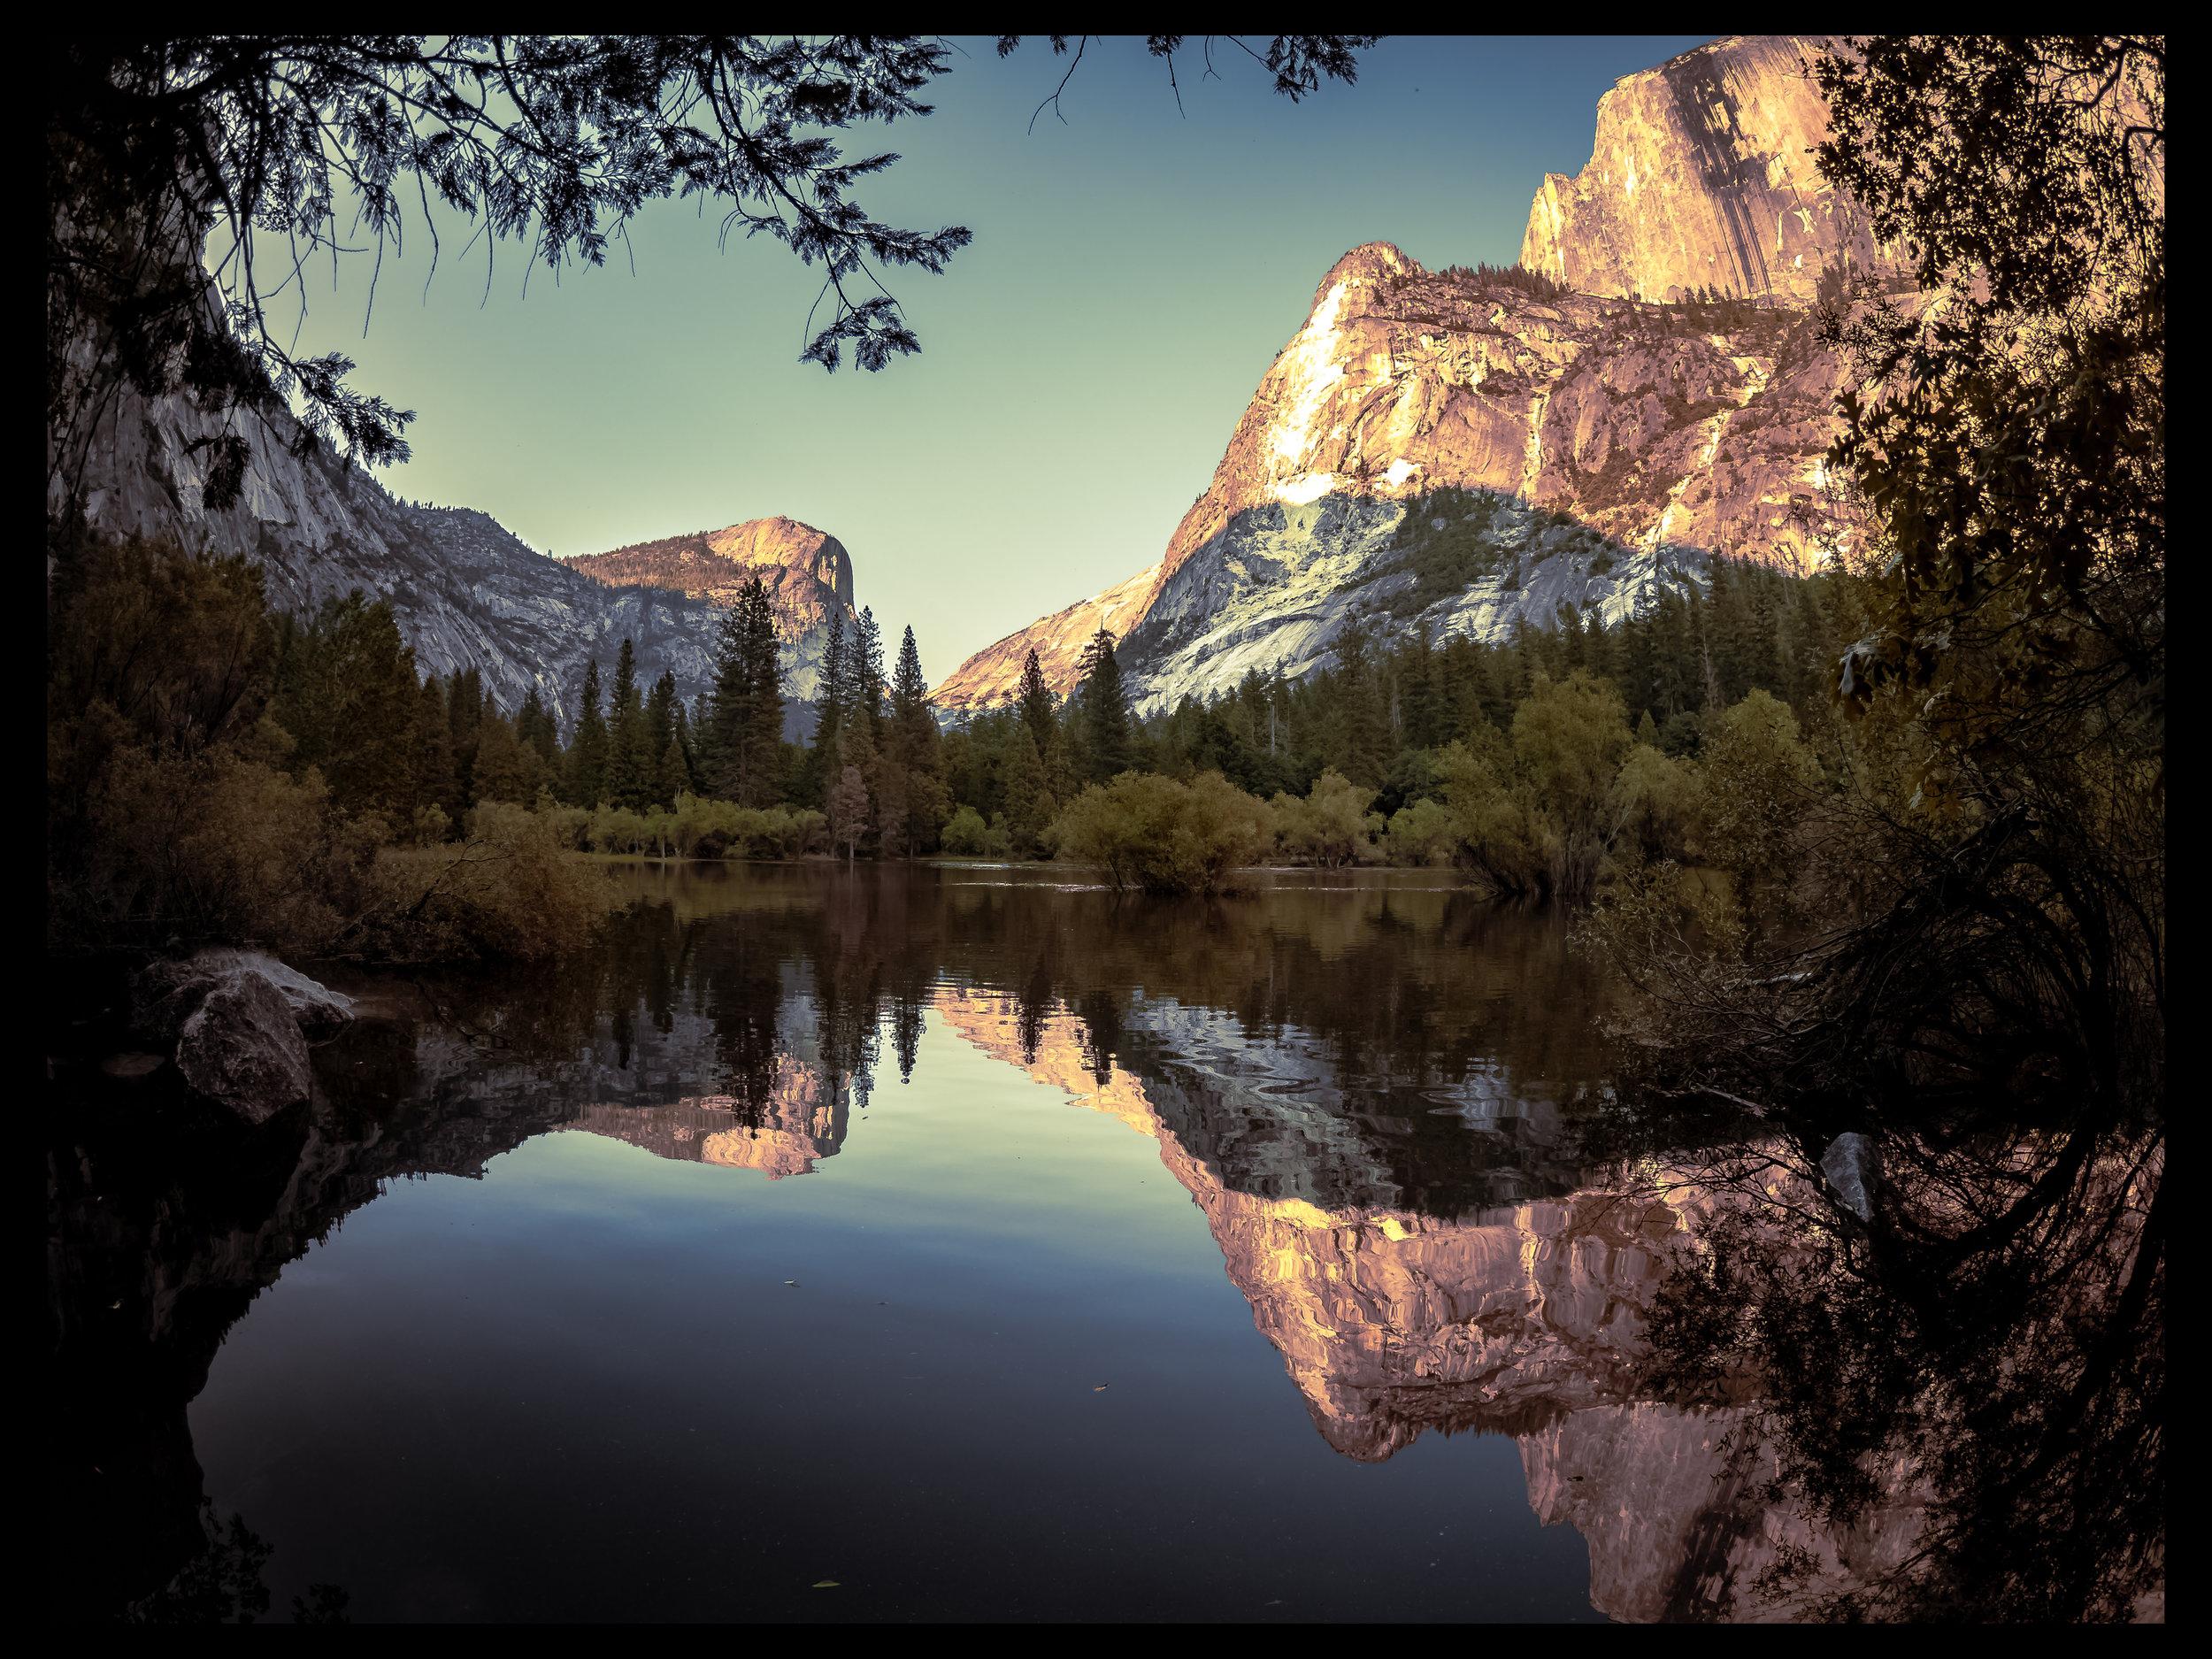 Landscape - Follow to Purchase Landscape Photos